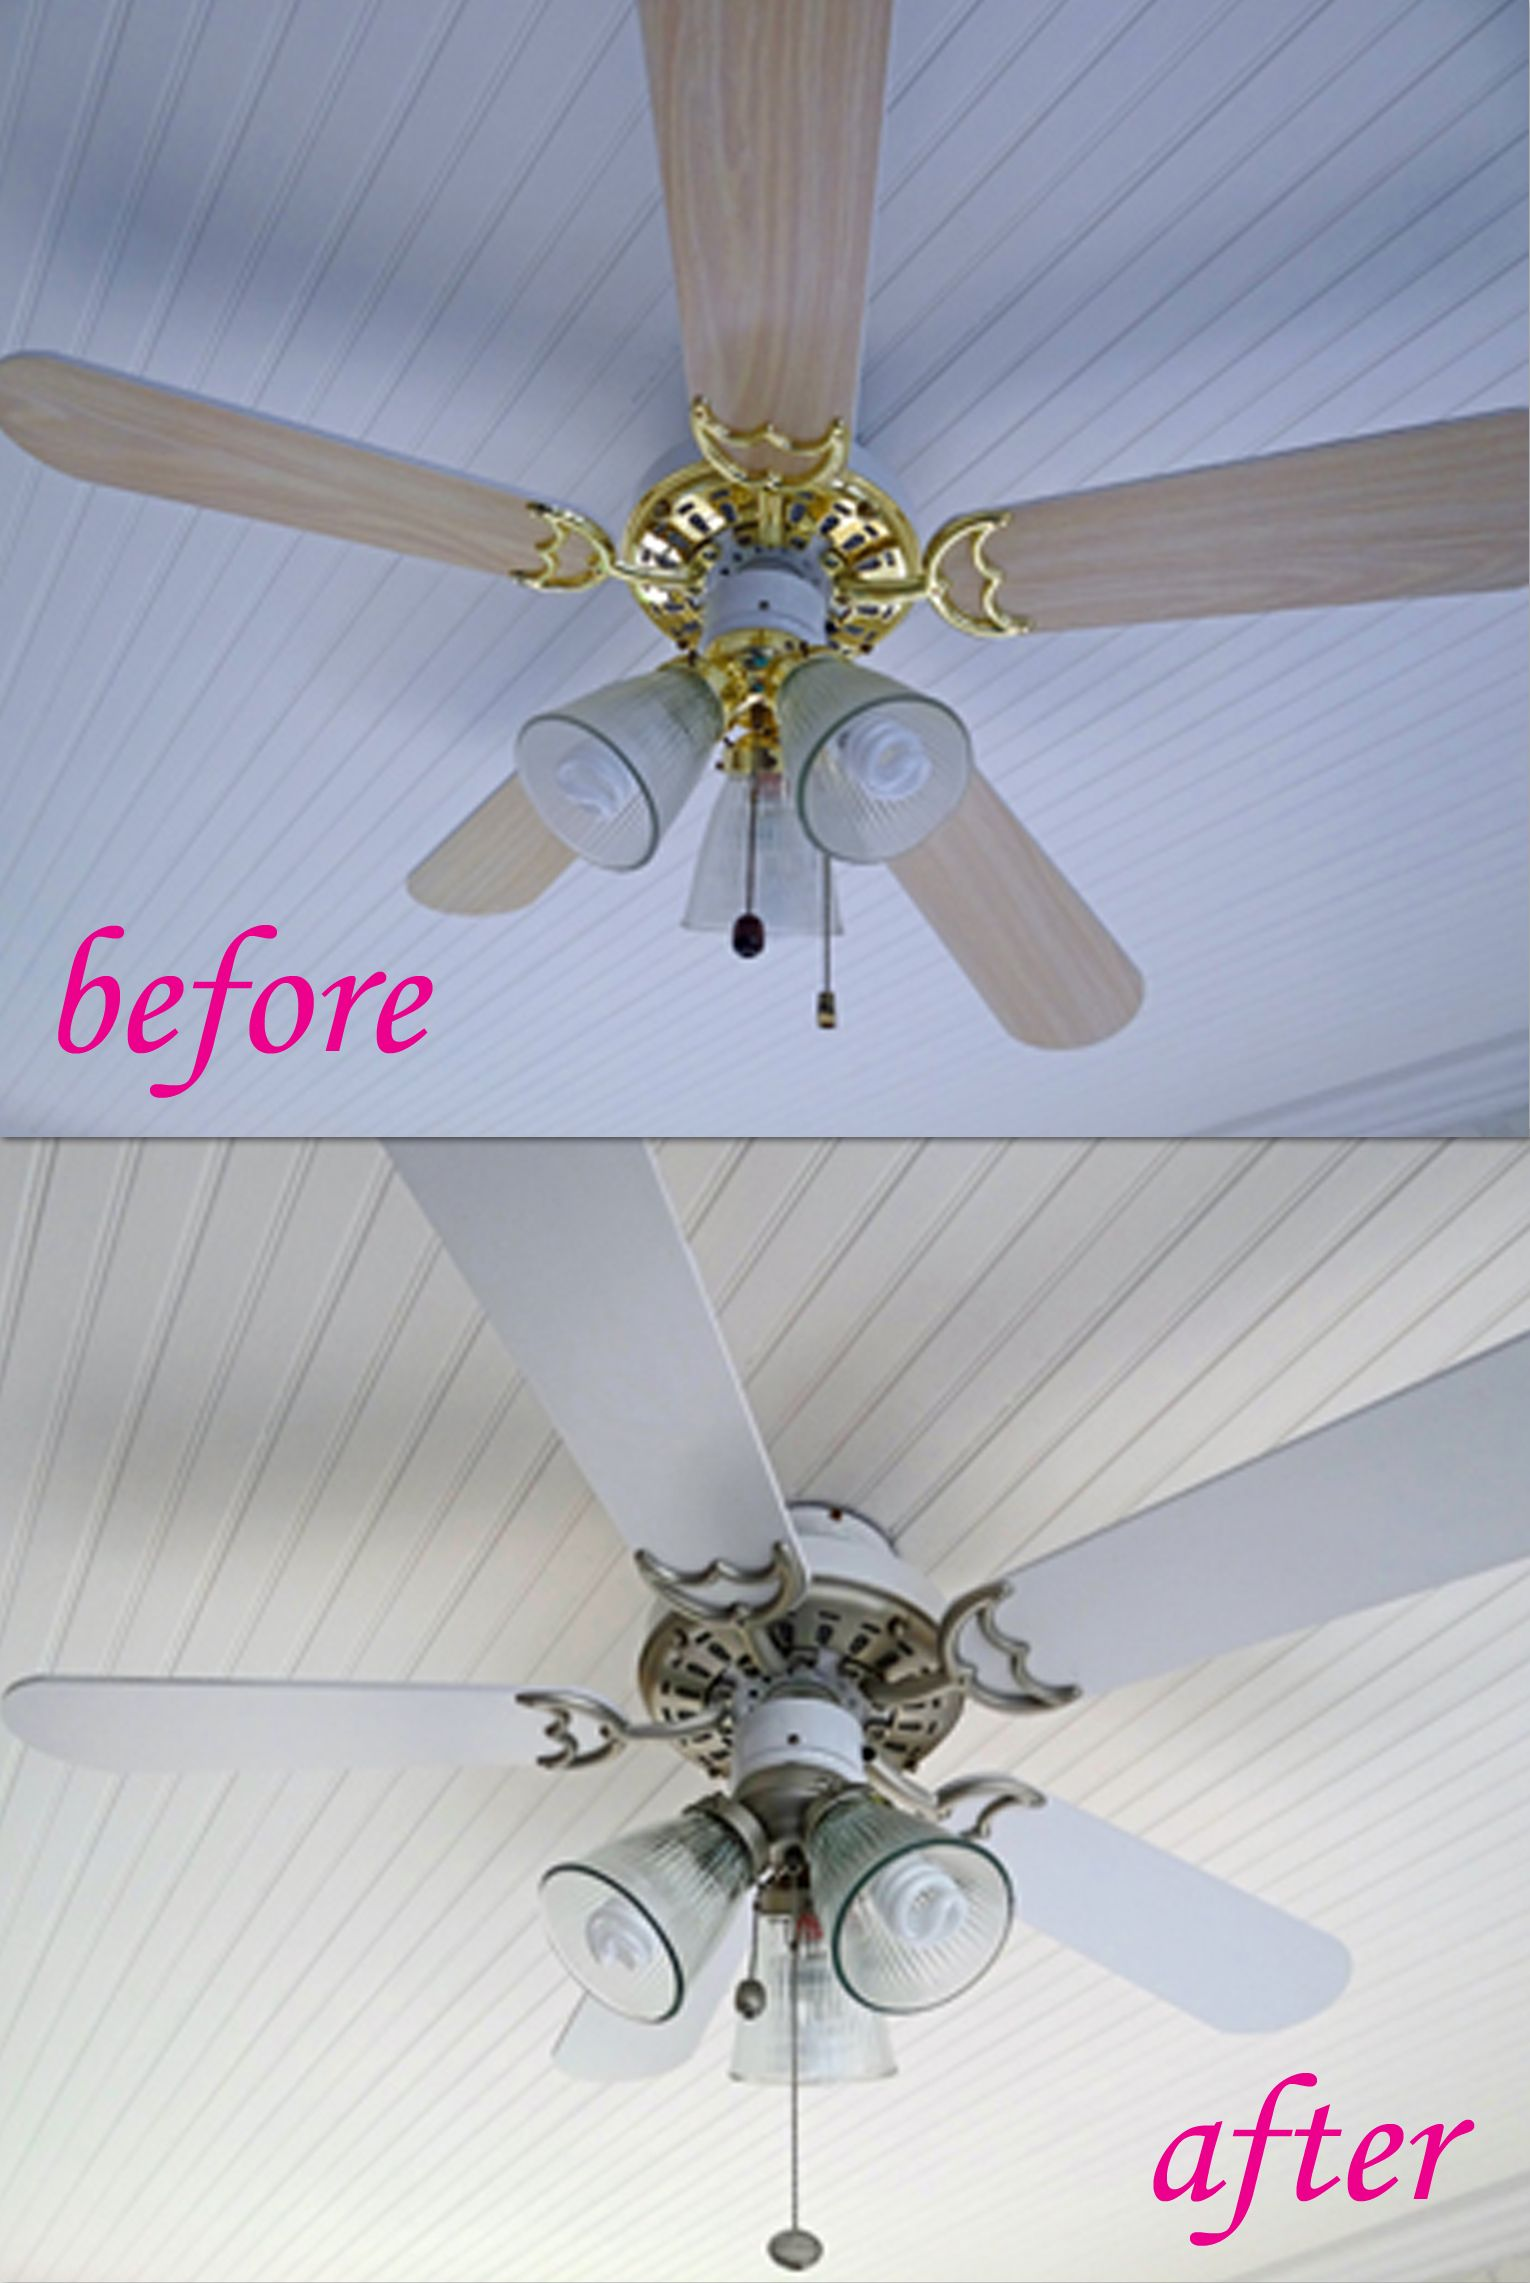 Spray Paint A Ceiling Fan